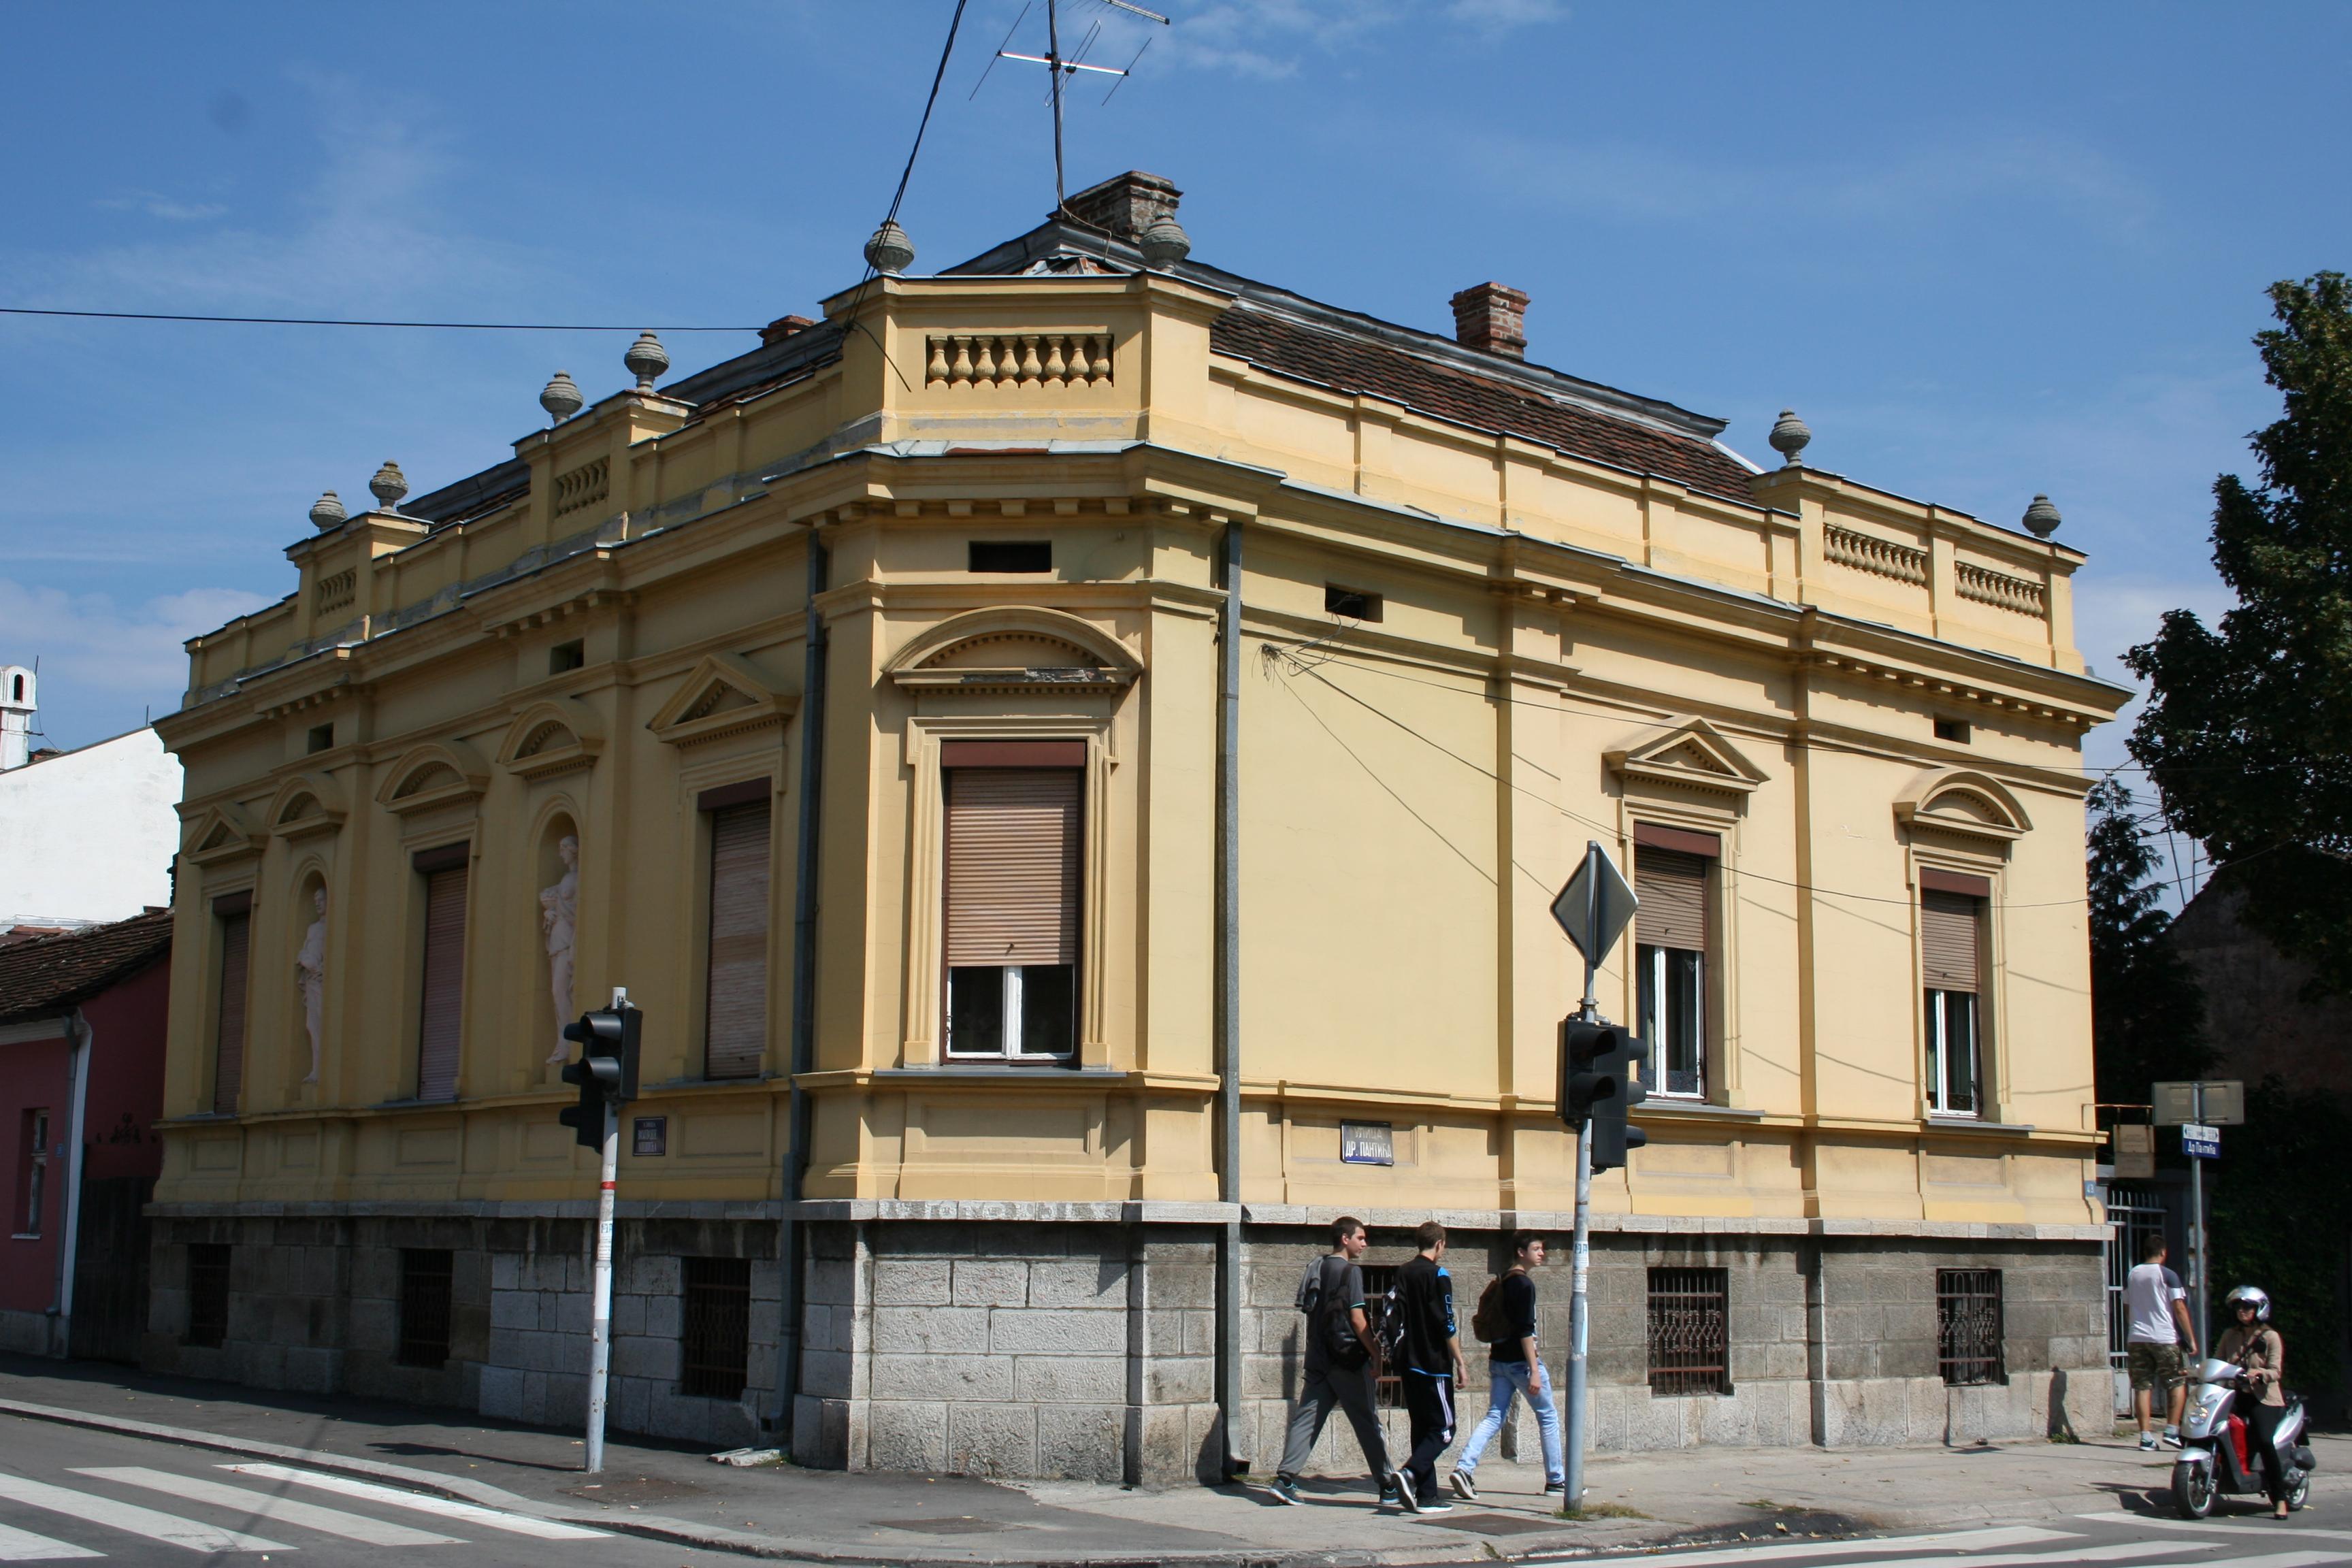 Датотека:Kuća Jankovića, Valjevo 004.jpg — Vikipedija ...